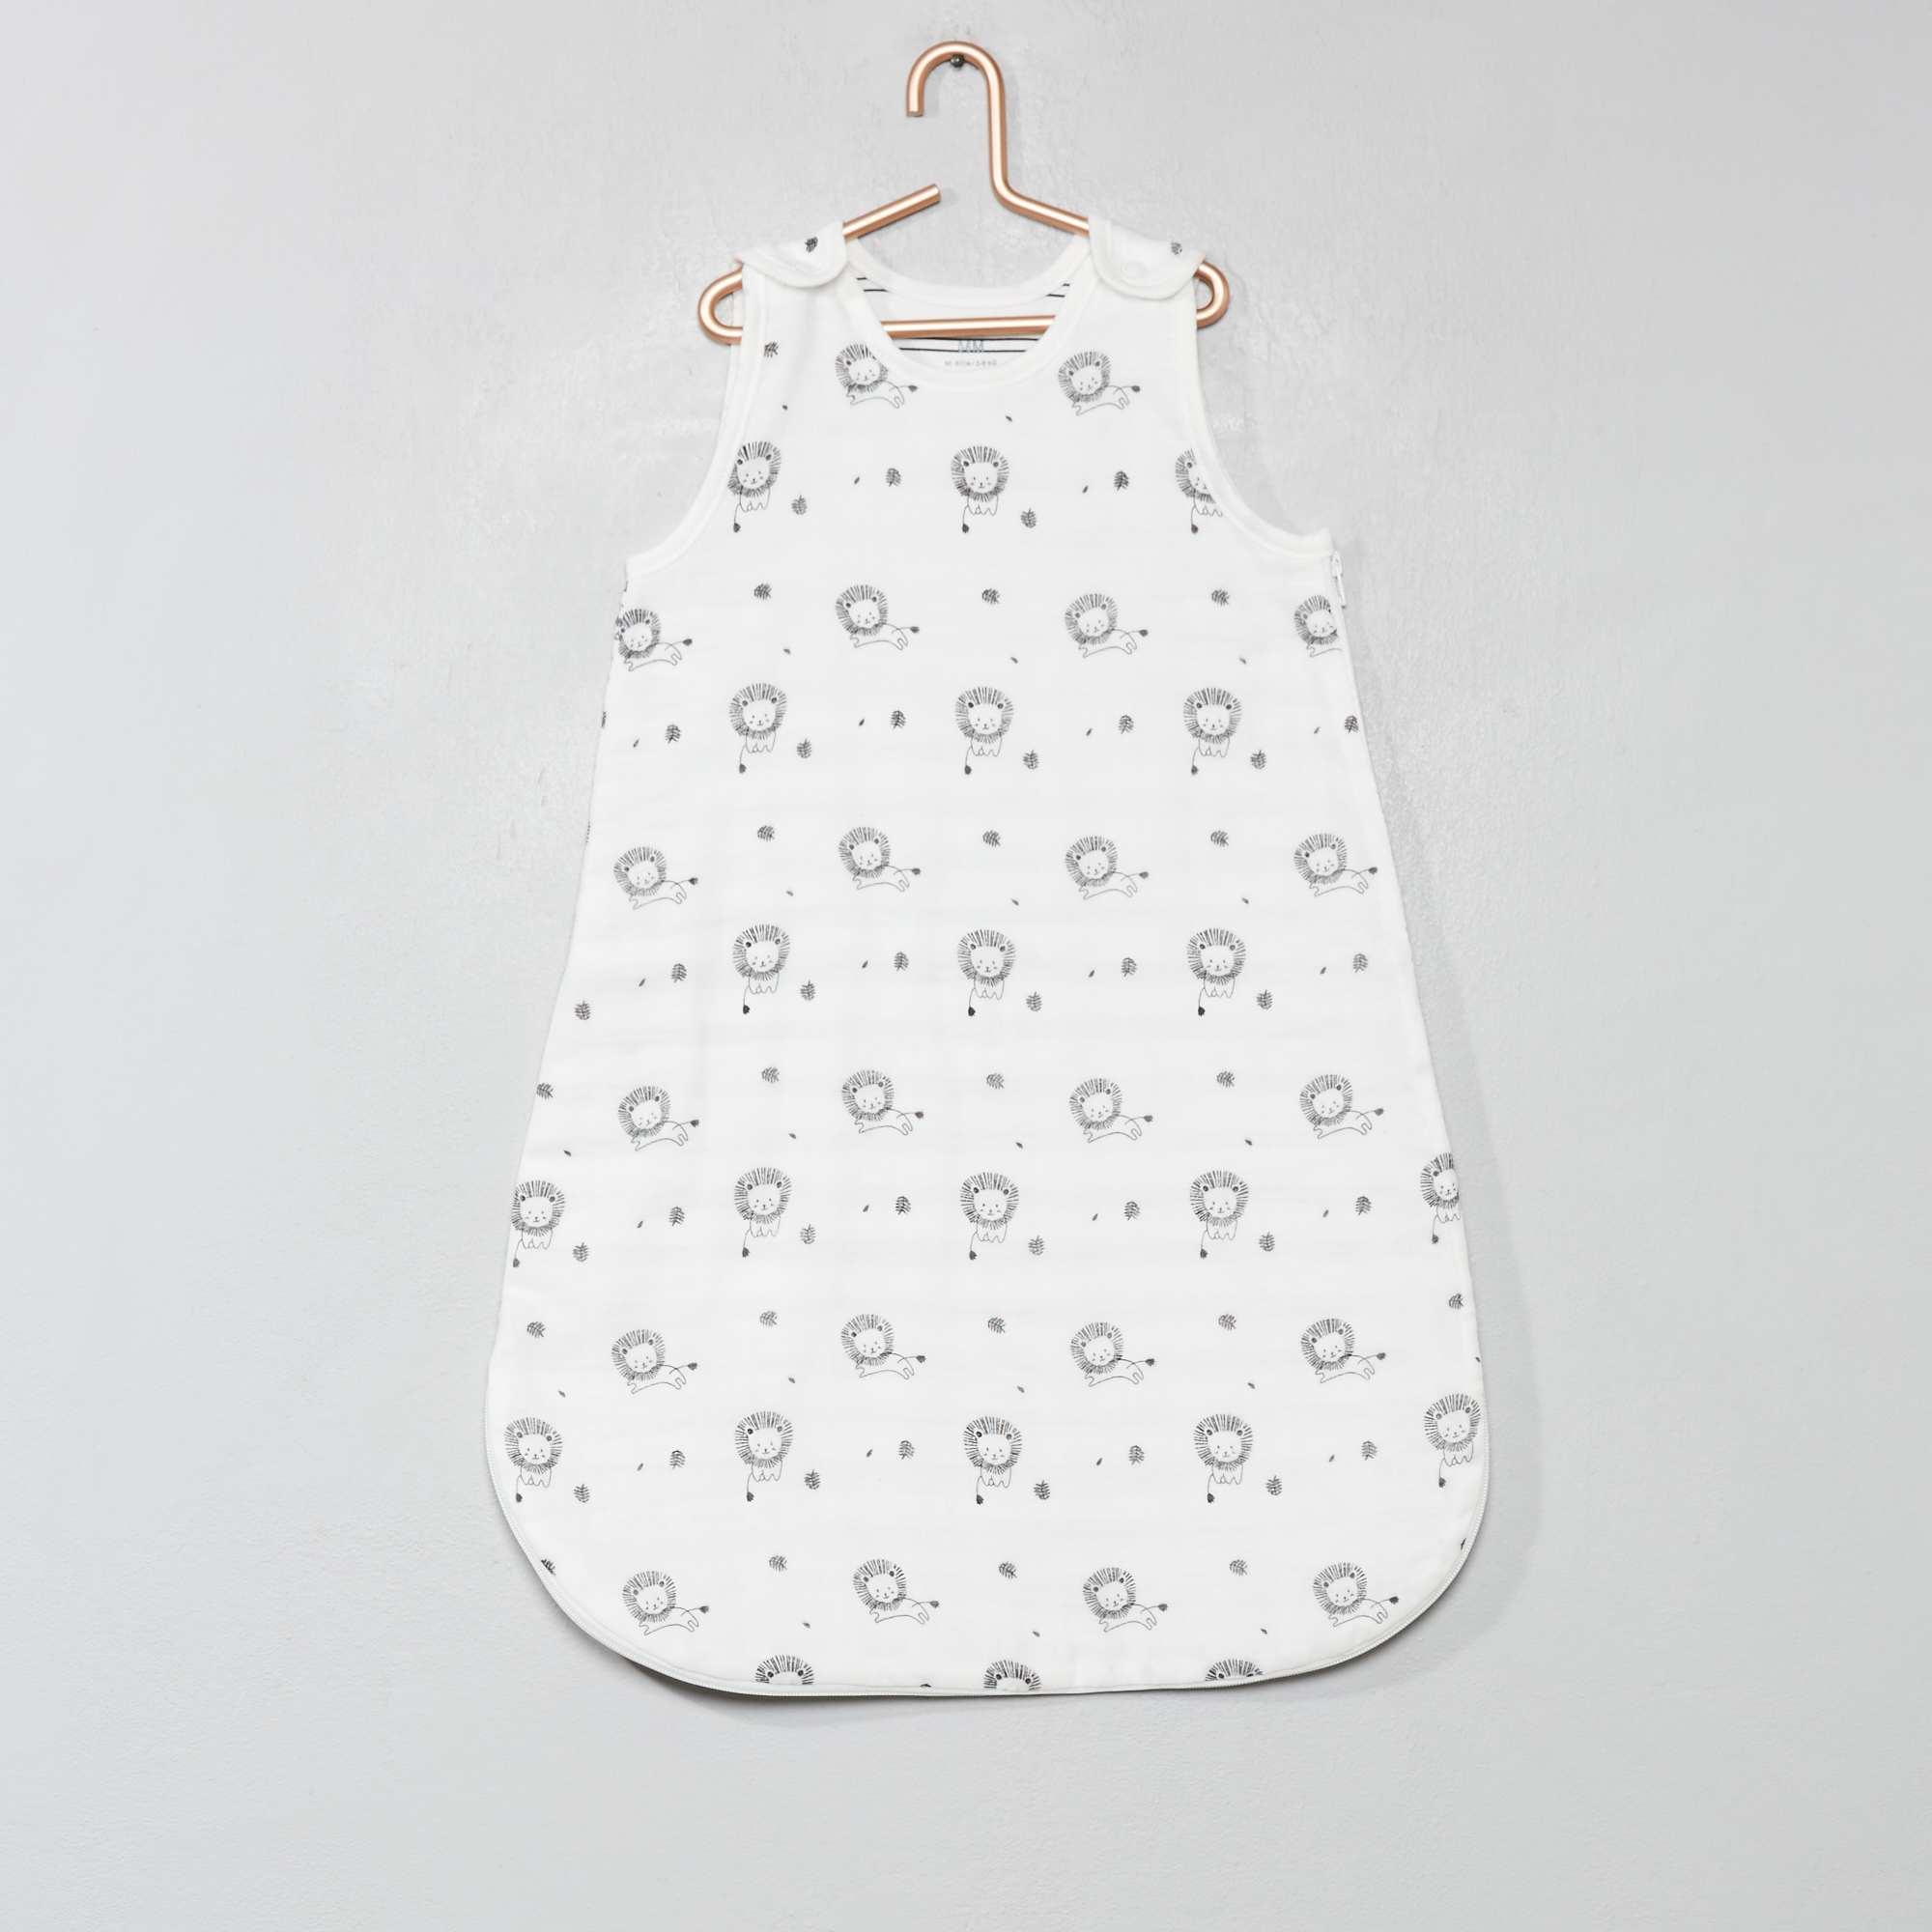 Babykleding Print.Dunne Babyslaapzak Met Print Jongens Babykleding Wit Kiabi 14 00